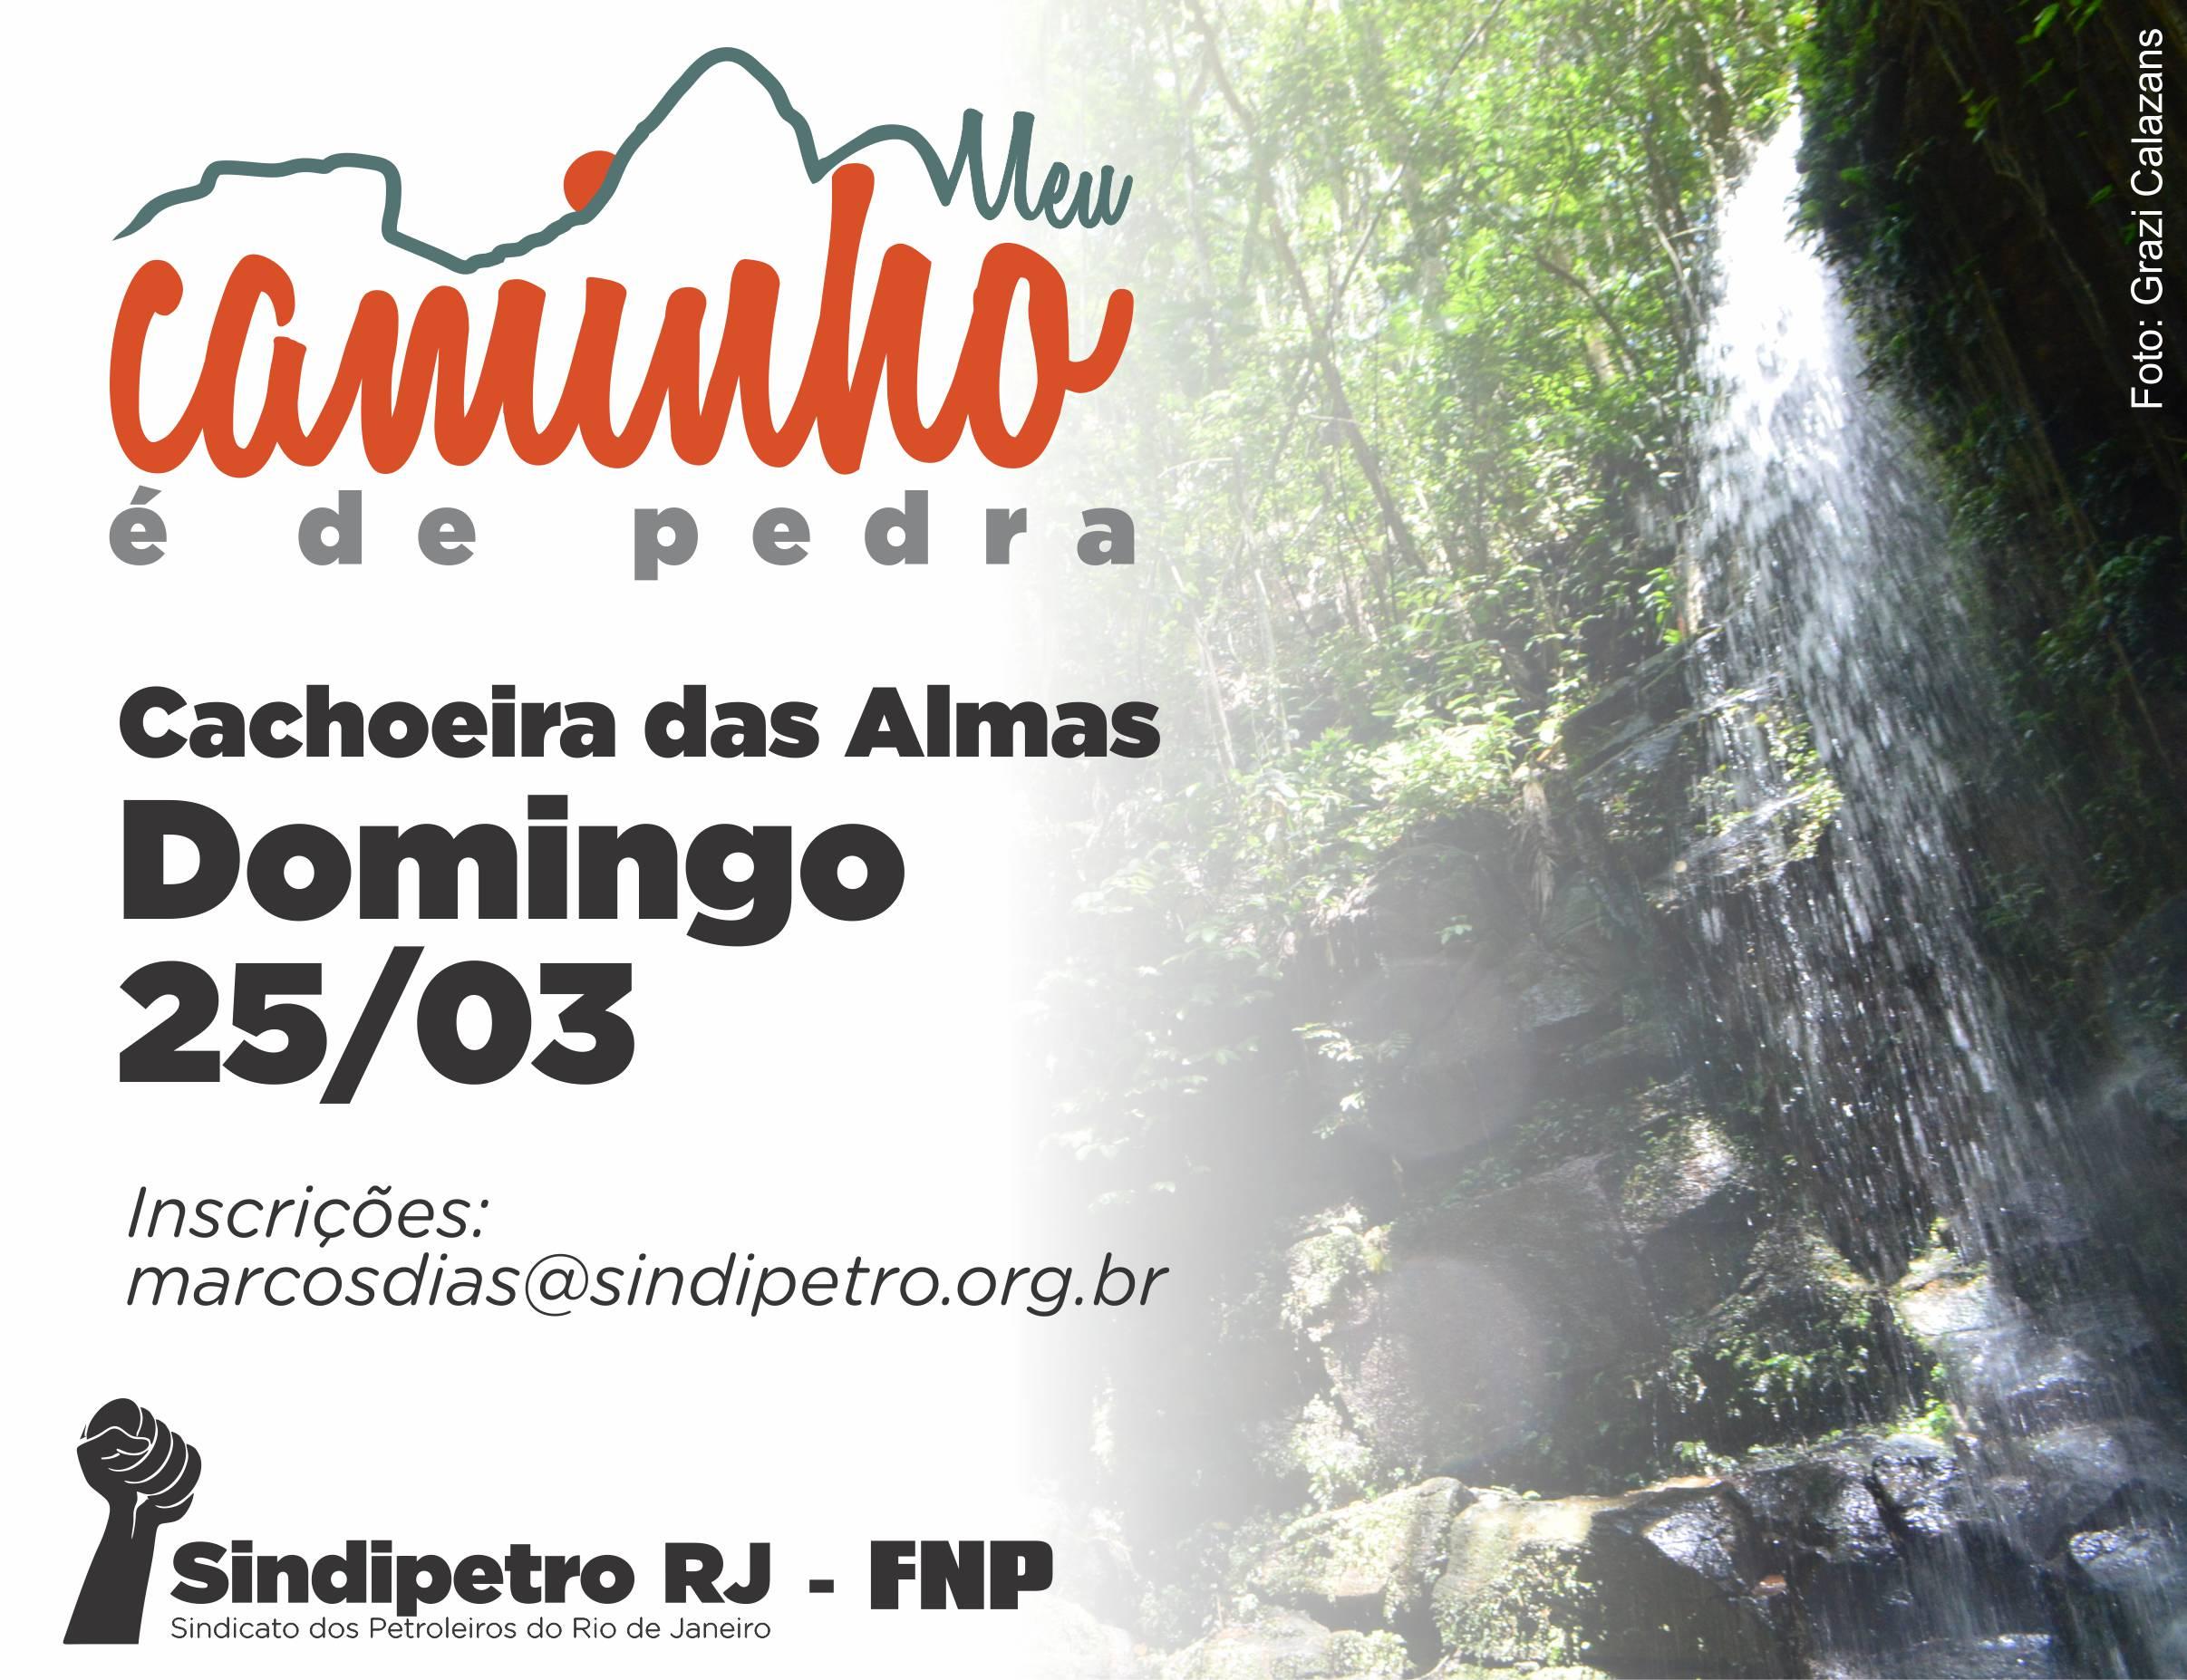 Neste domingo (25) tem 'Meu Caminho é de Pedra' – Cachoeira das Almas chamada cachoeira das almas